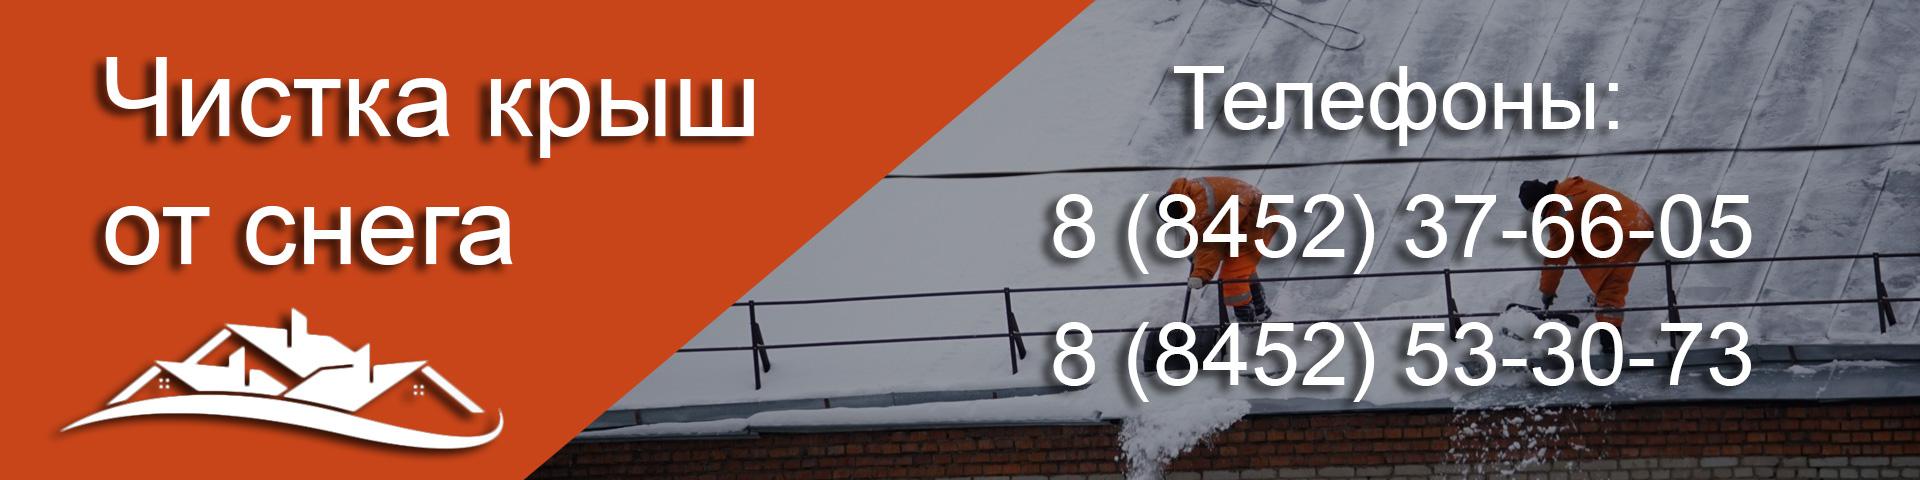 Чистка крыш от снега, наледи, сосулек в Саратове